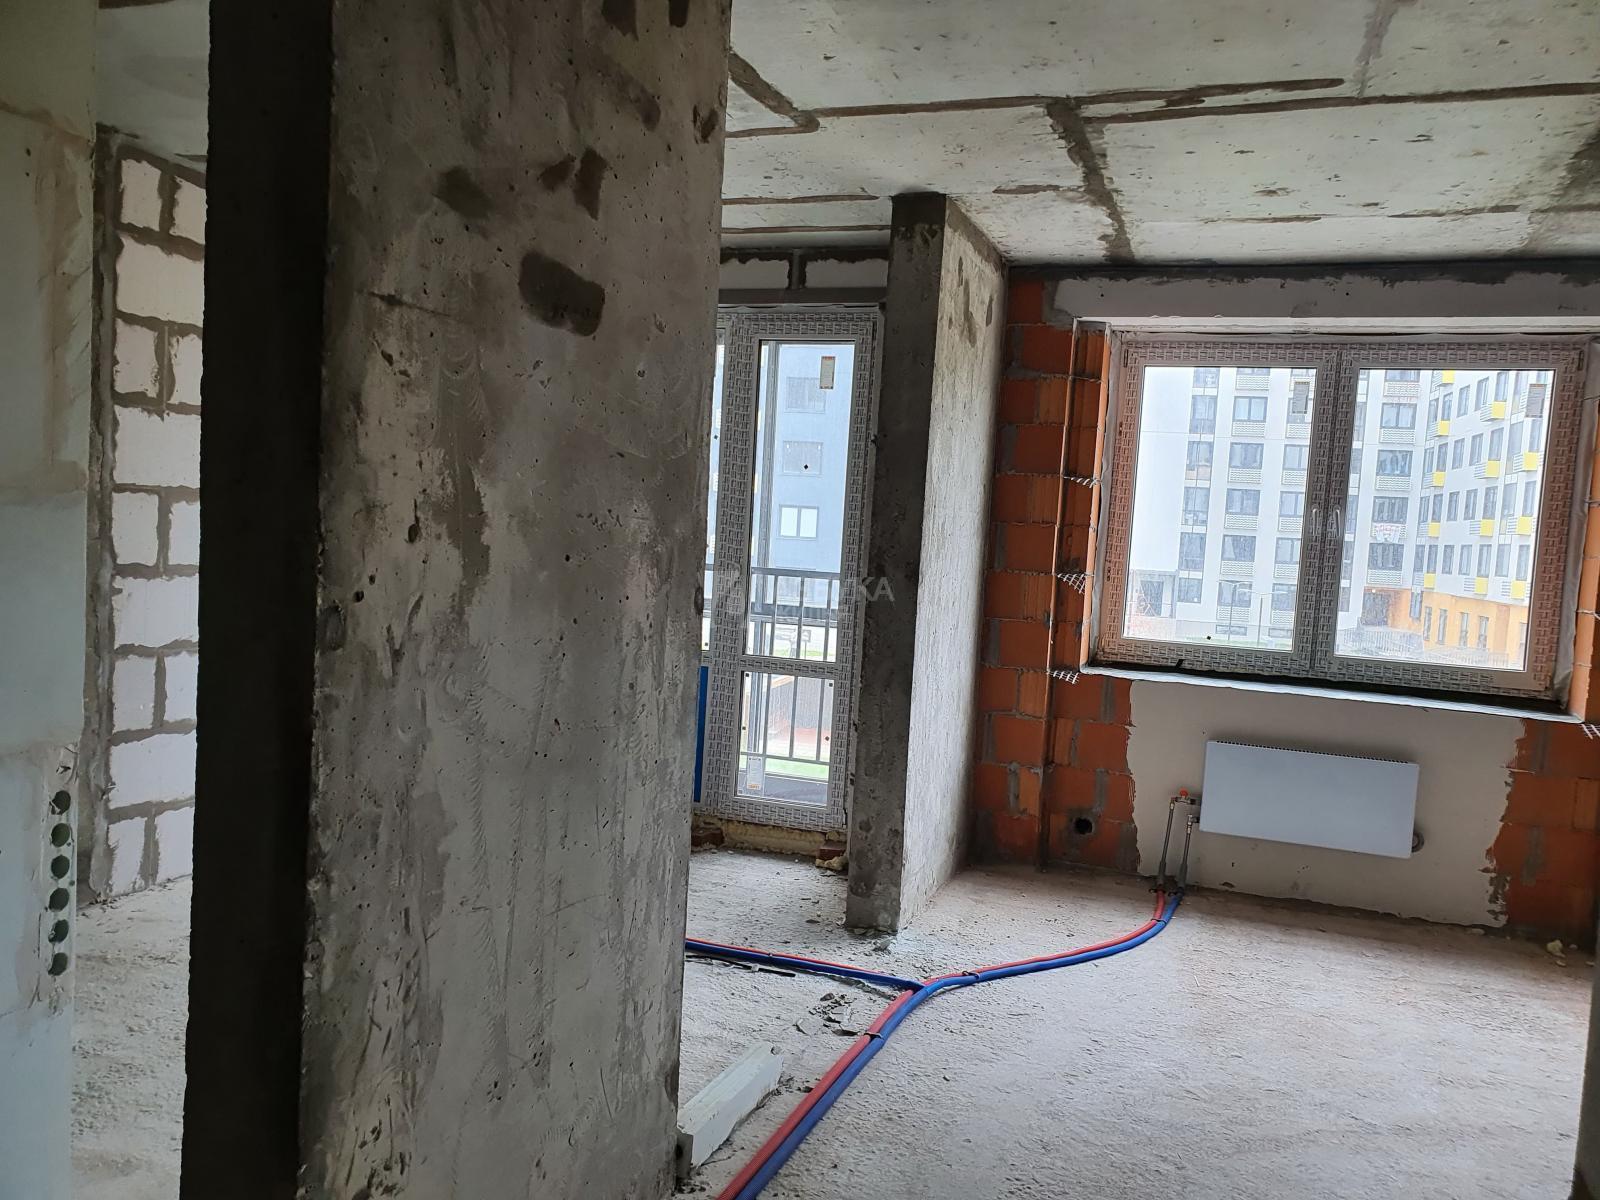 Фото №7 - 1-комнатная квартира, Москва, поселок Сосенское, Василия Ощепкова улица 3, метро Коммунарка